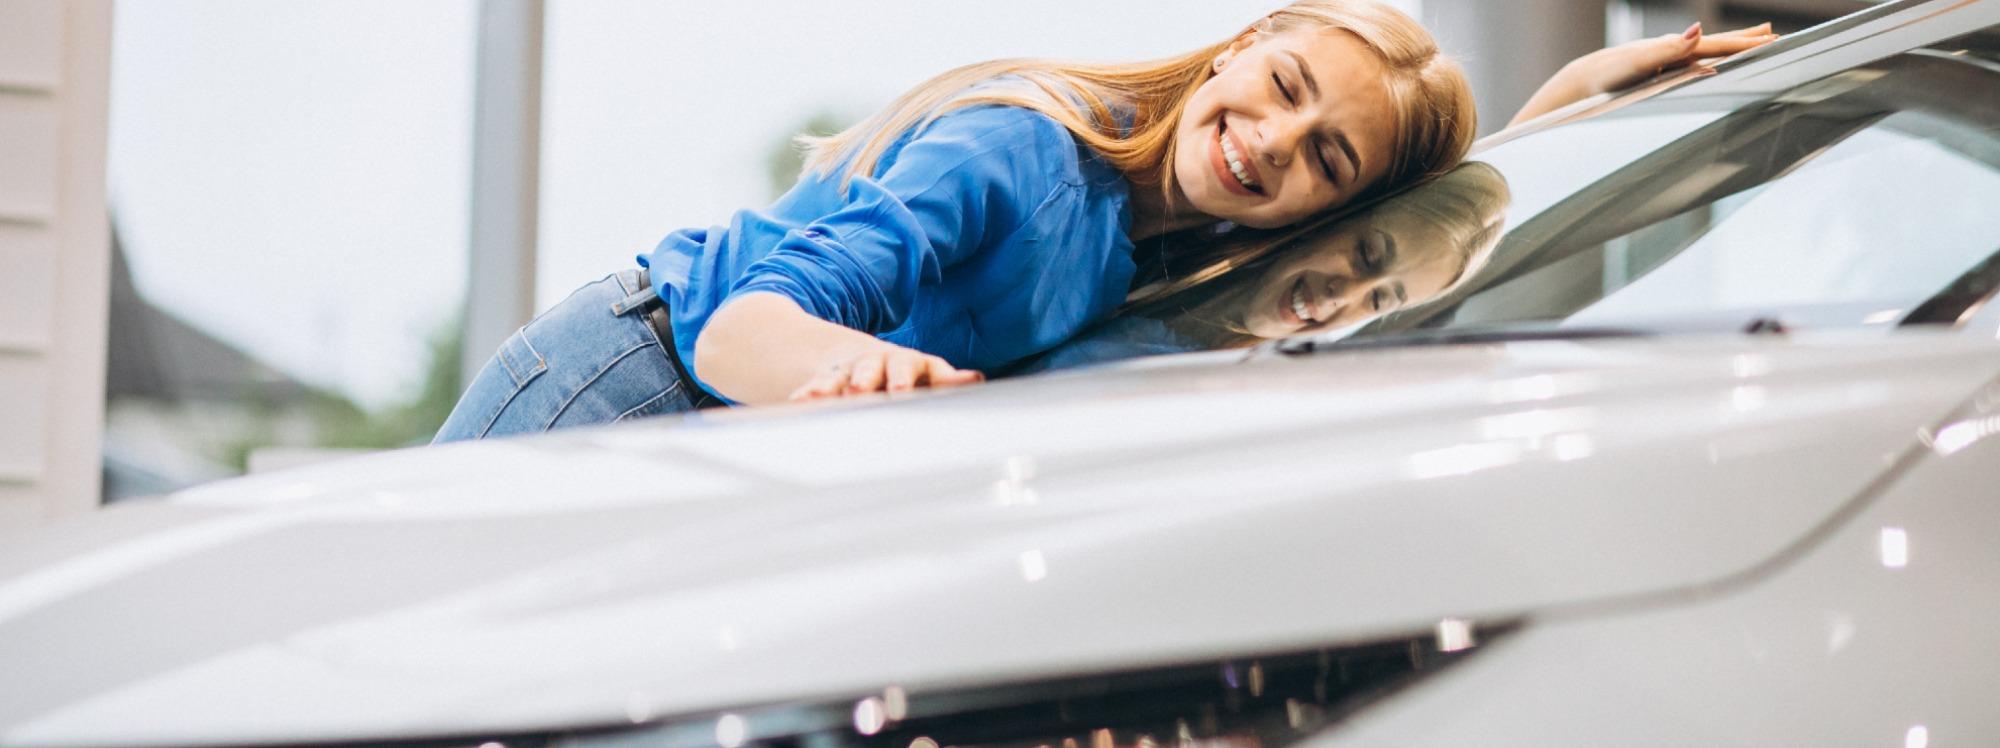 ¿Cómo rentabilizar la compra de un vehículo?